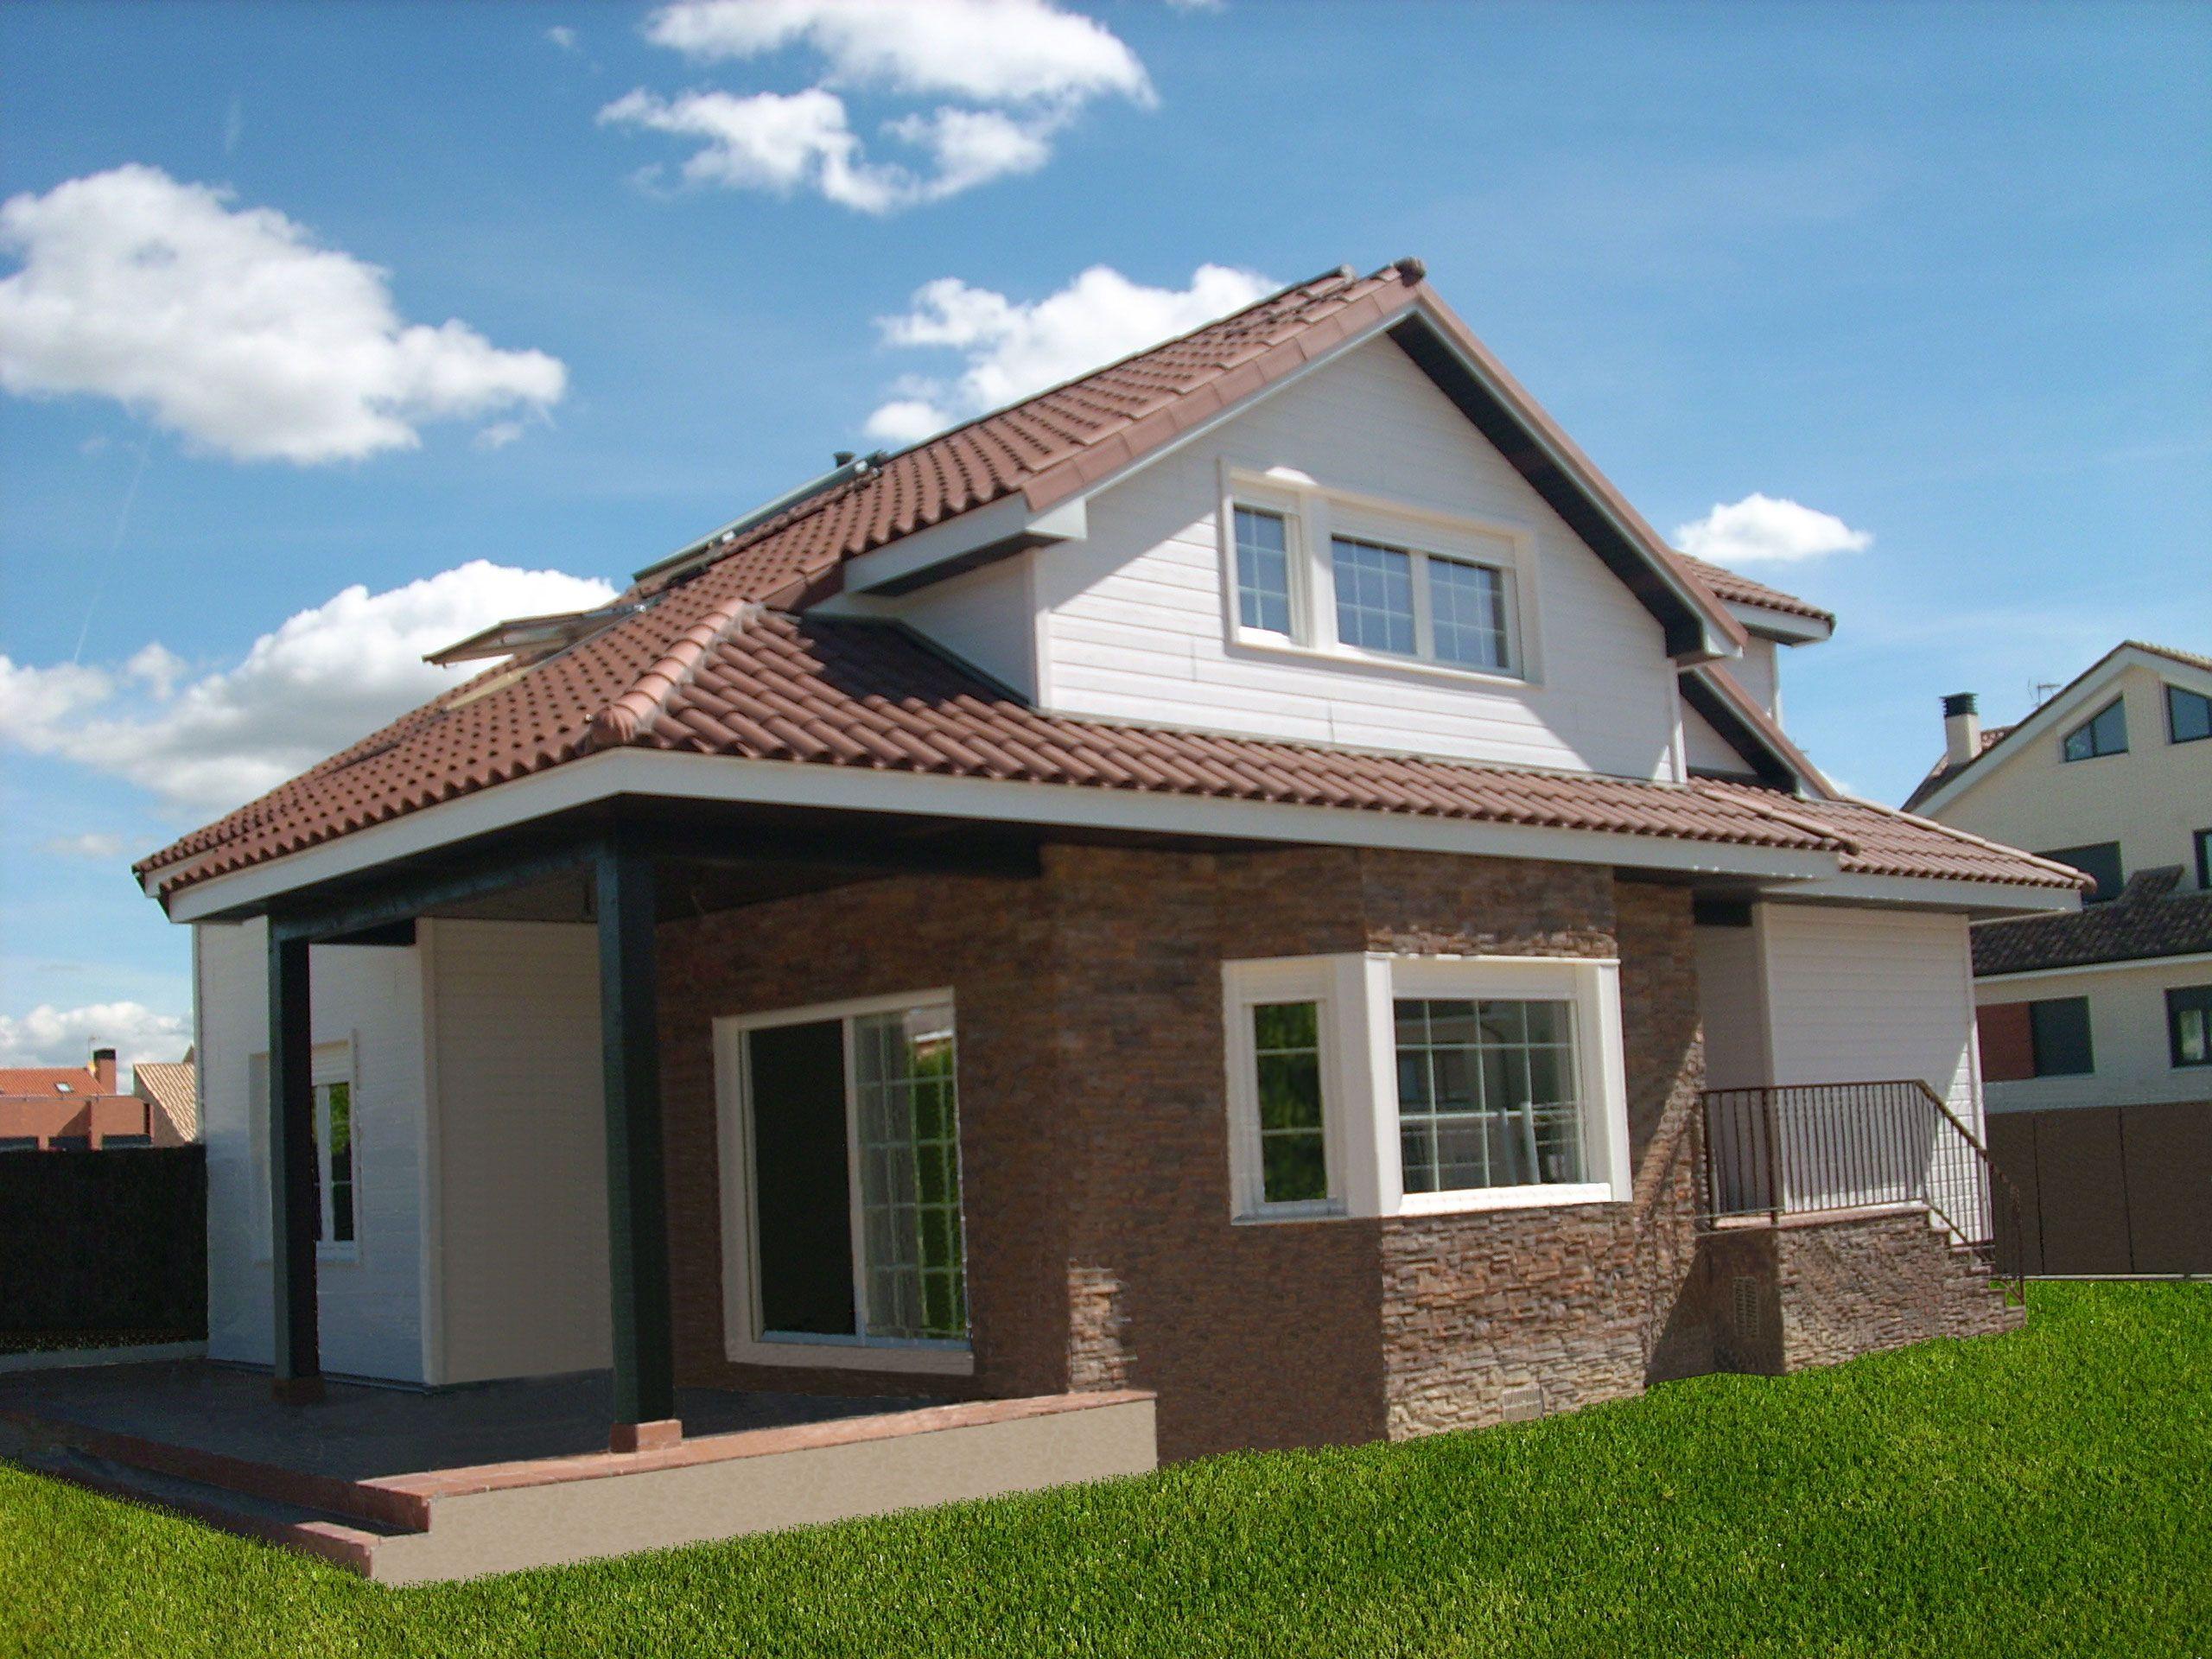 Casa canadiense casa canadiense pinterest casas - Casas rurales prefabricadas ...